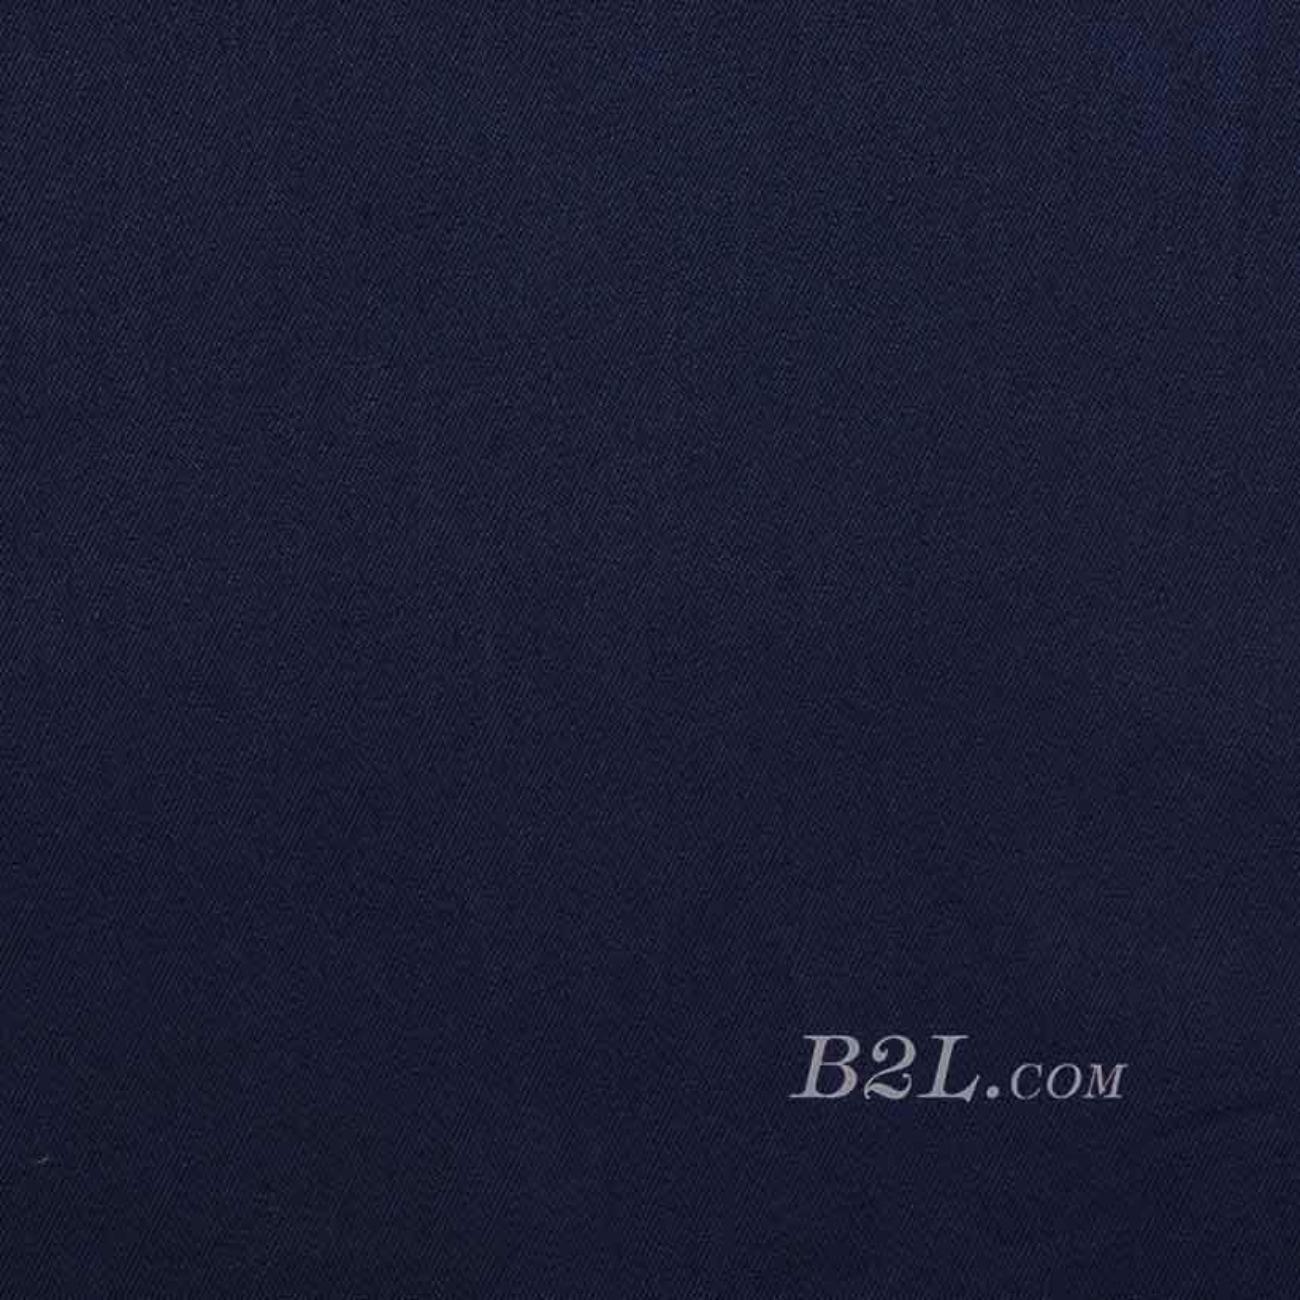 斜纹梭织素色染色连衣裙 短裙 衬衫 低弹 春 秋 柔软 70823-10